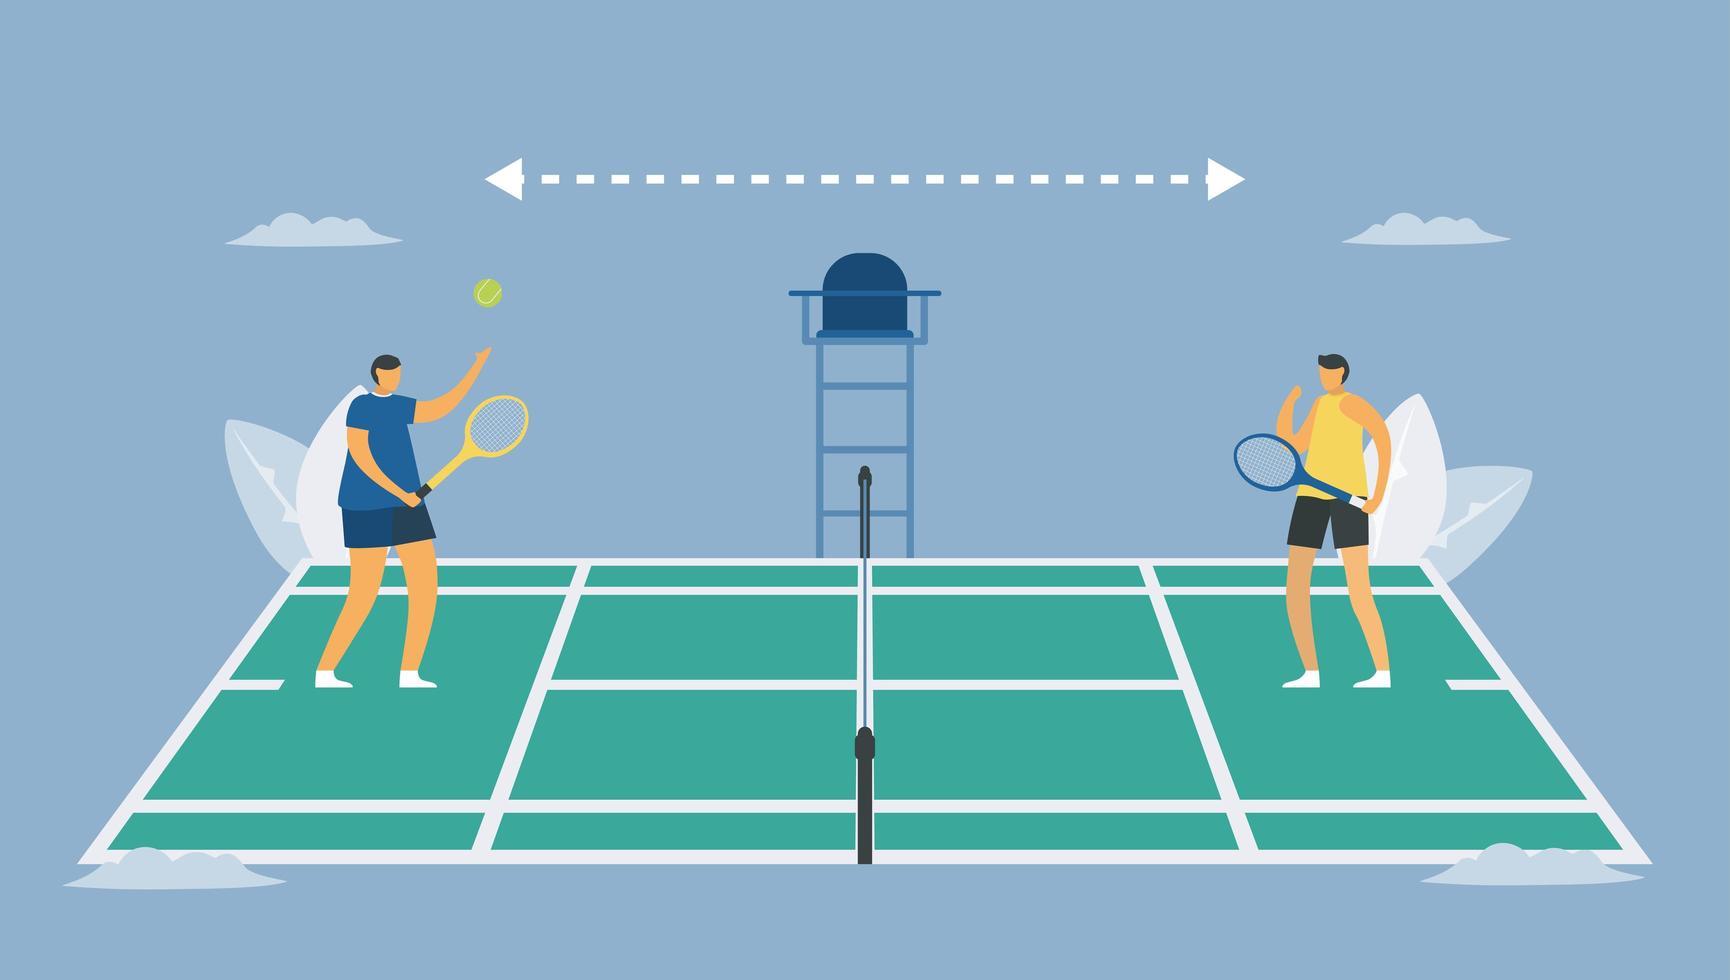 distanciamiento social en el deporte del tenis. vector